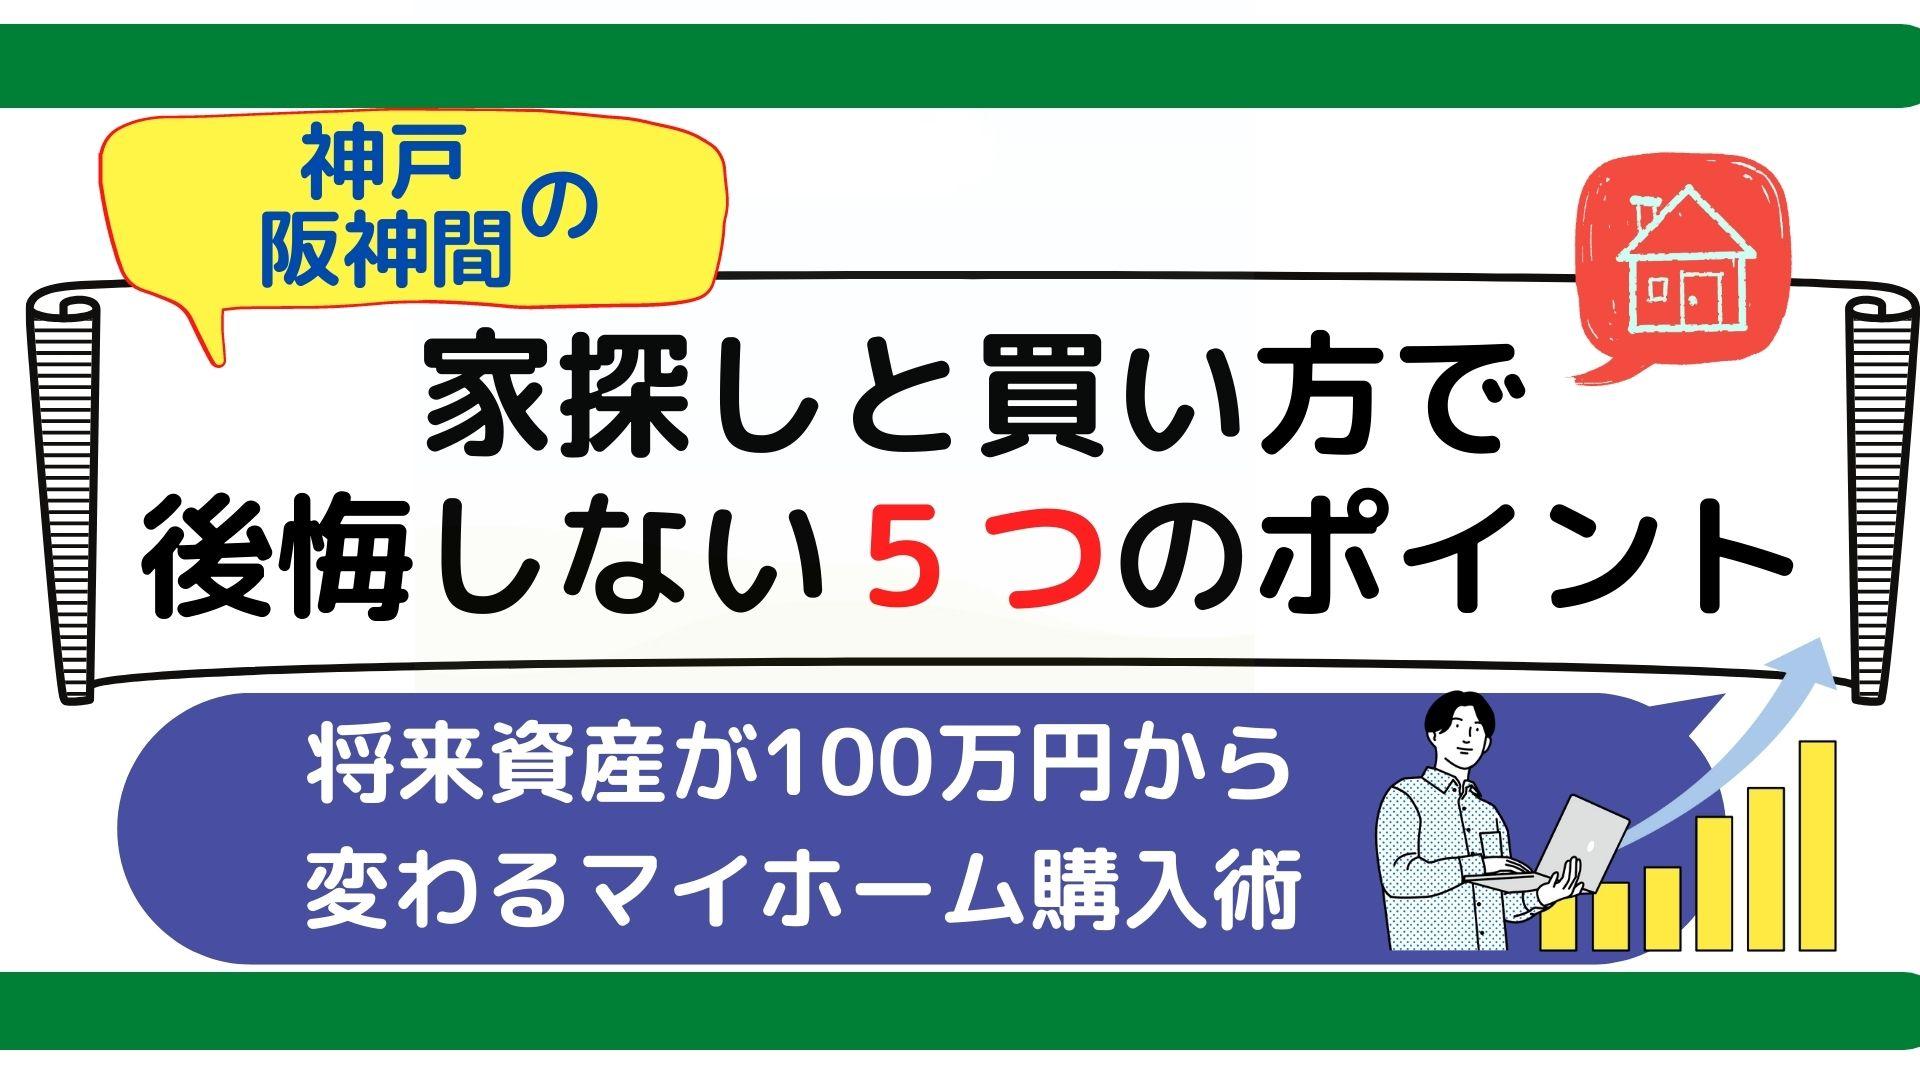 神戸市 住宅セミナー